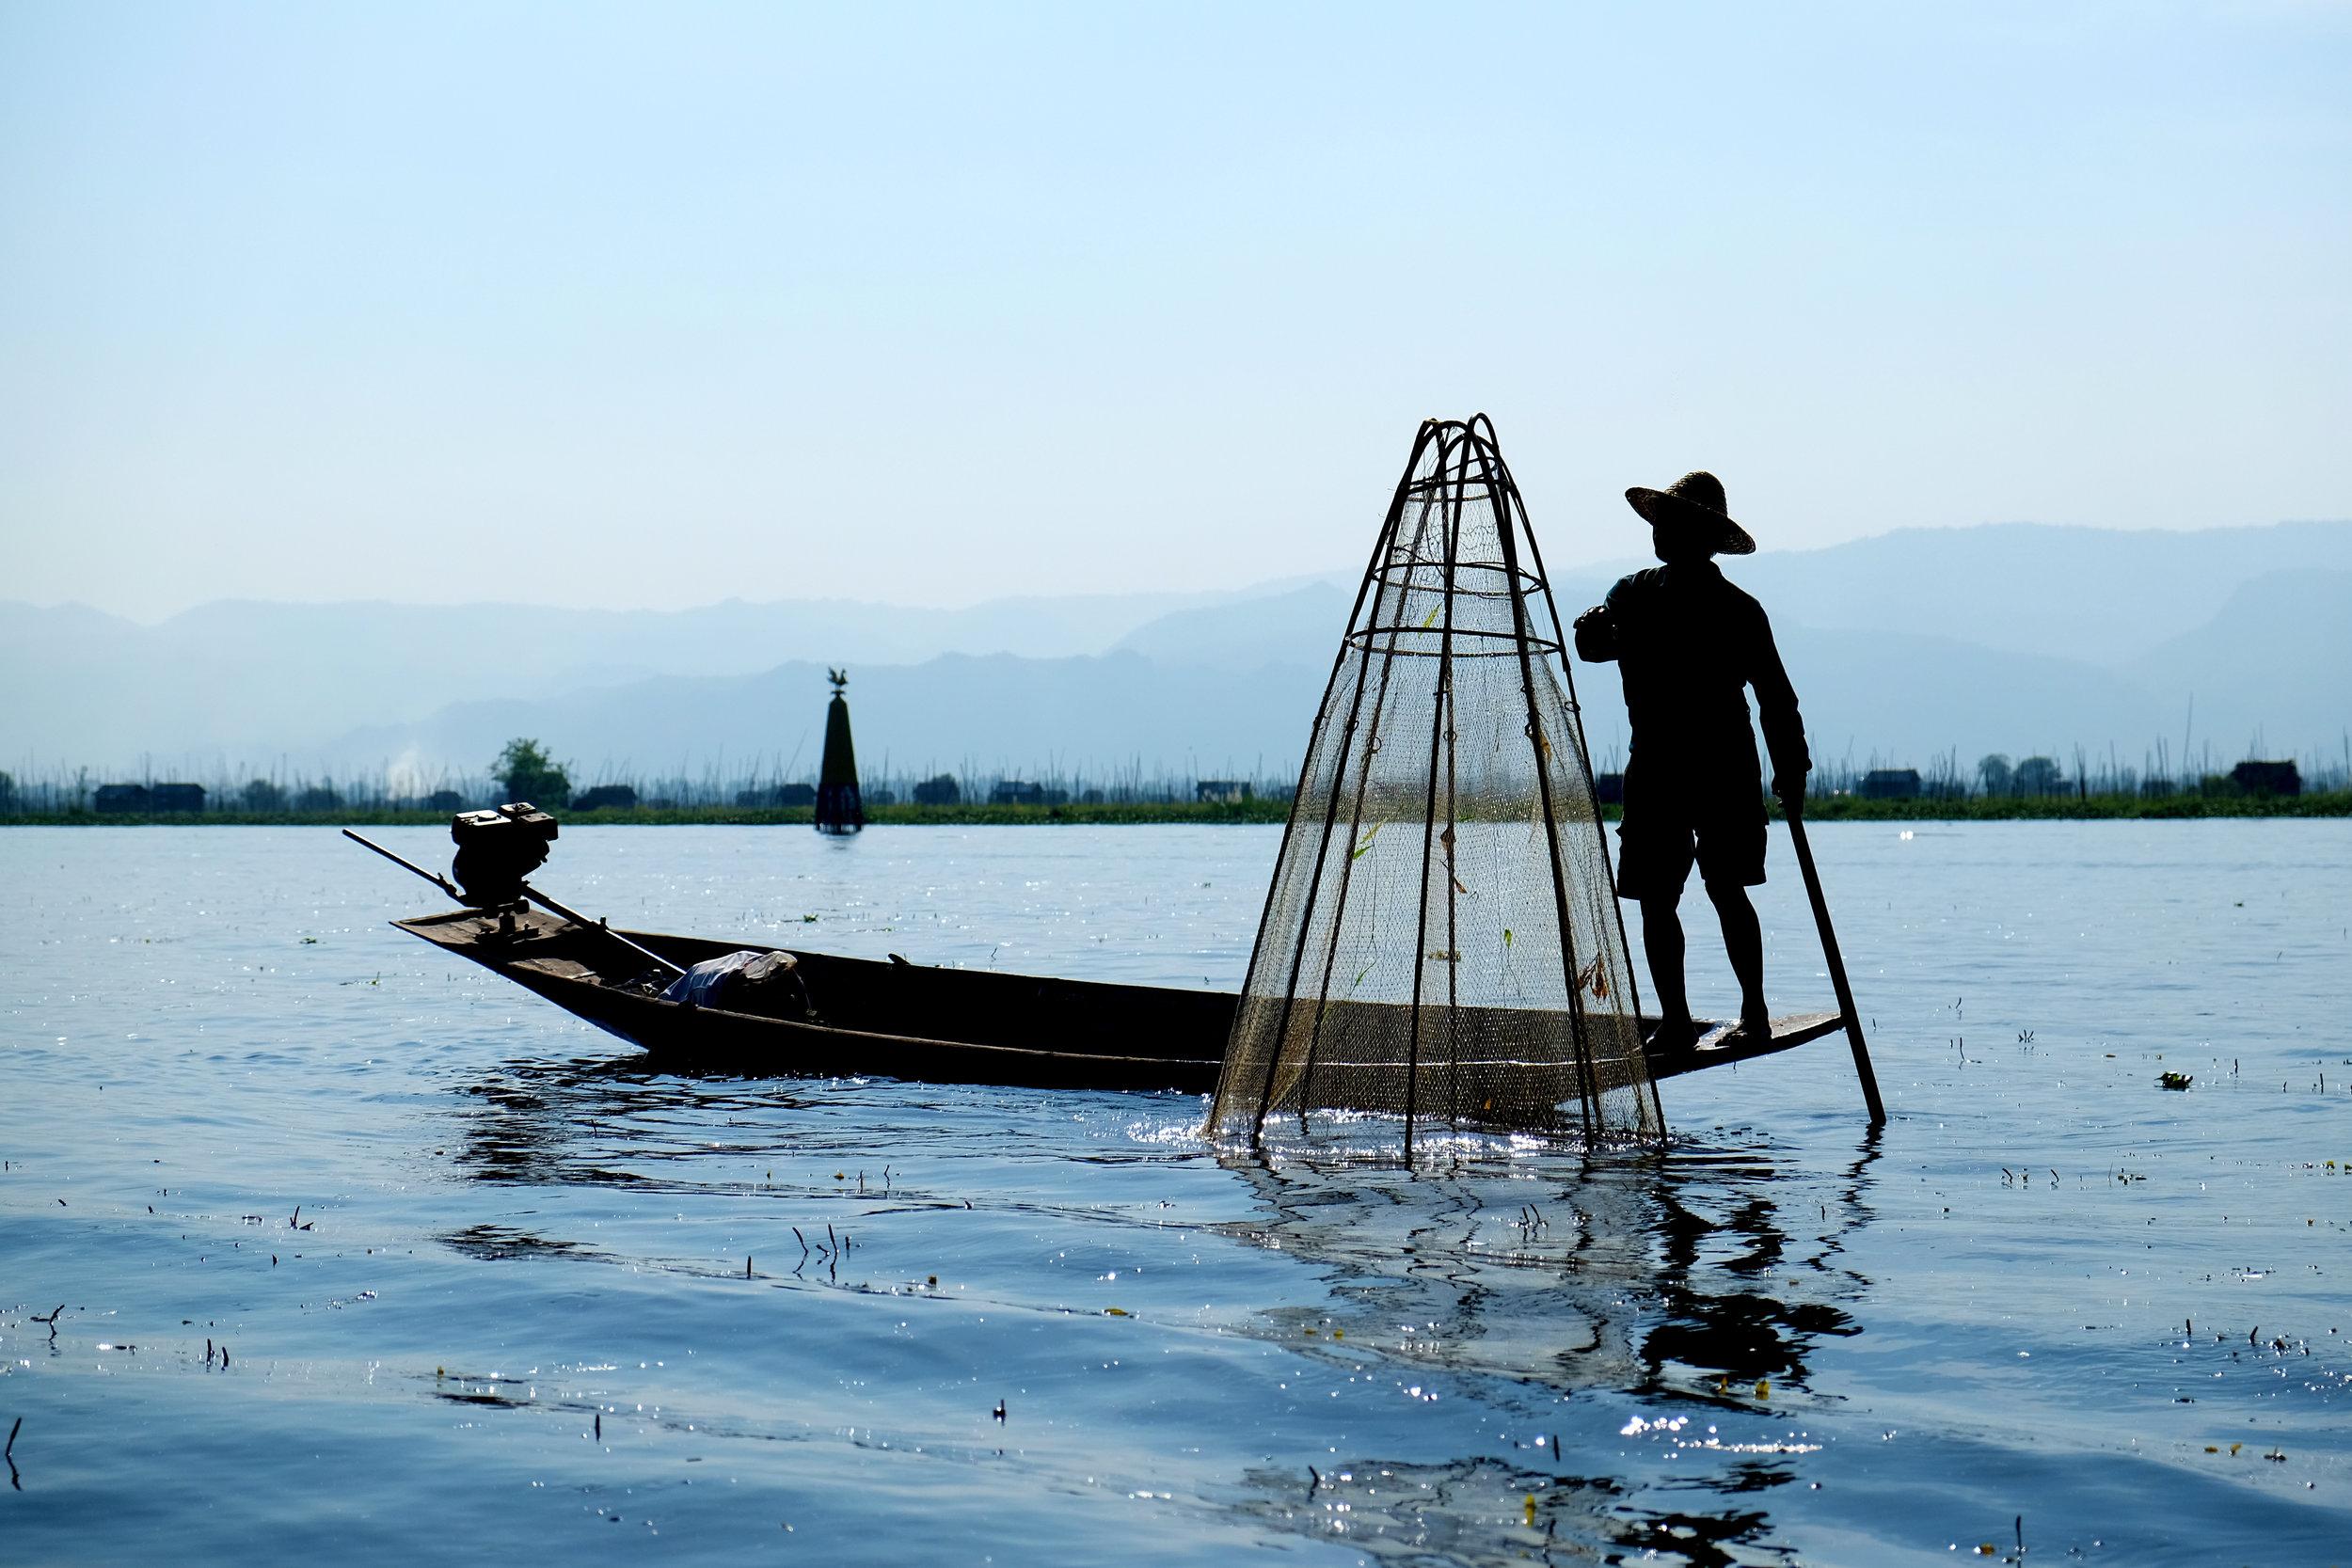 Inle Lake fisherman dropping his net